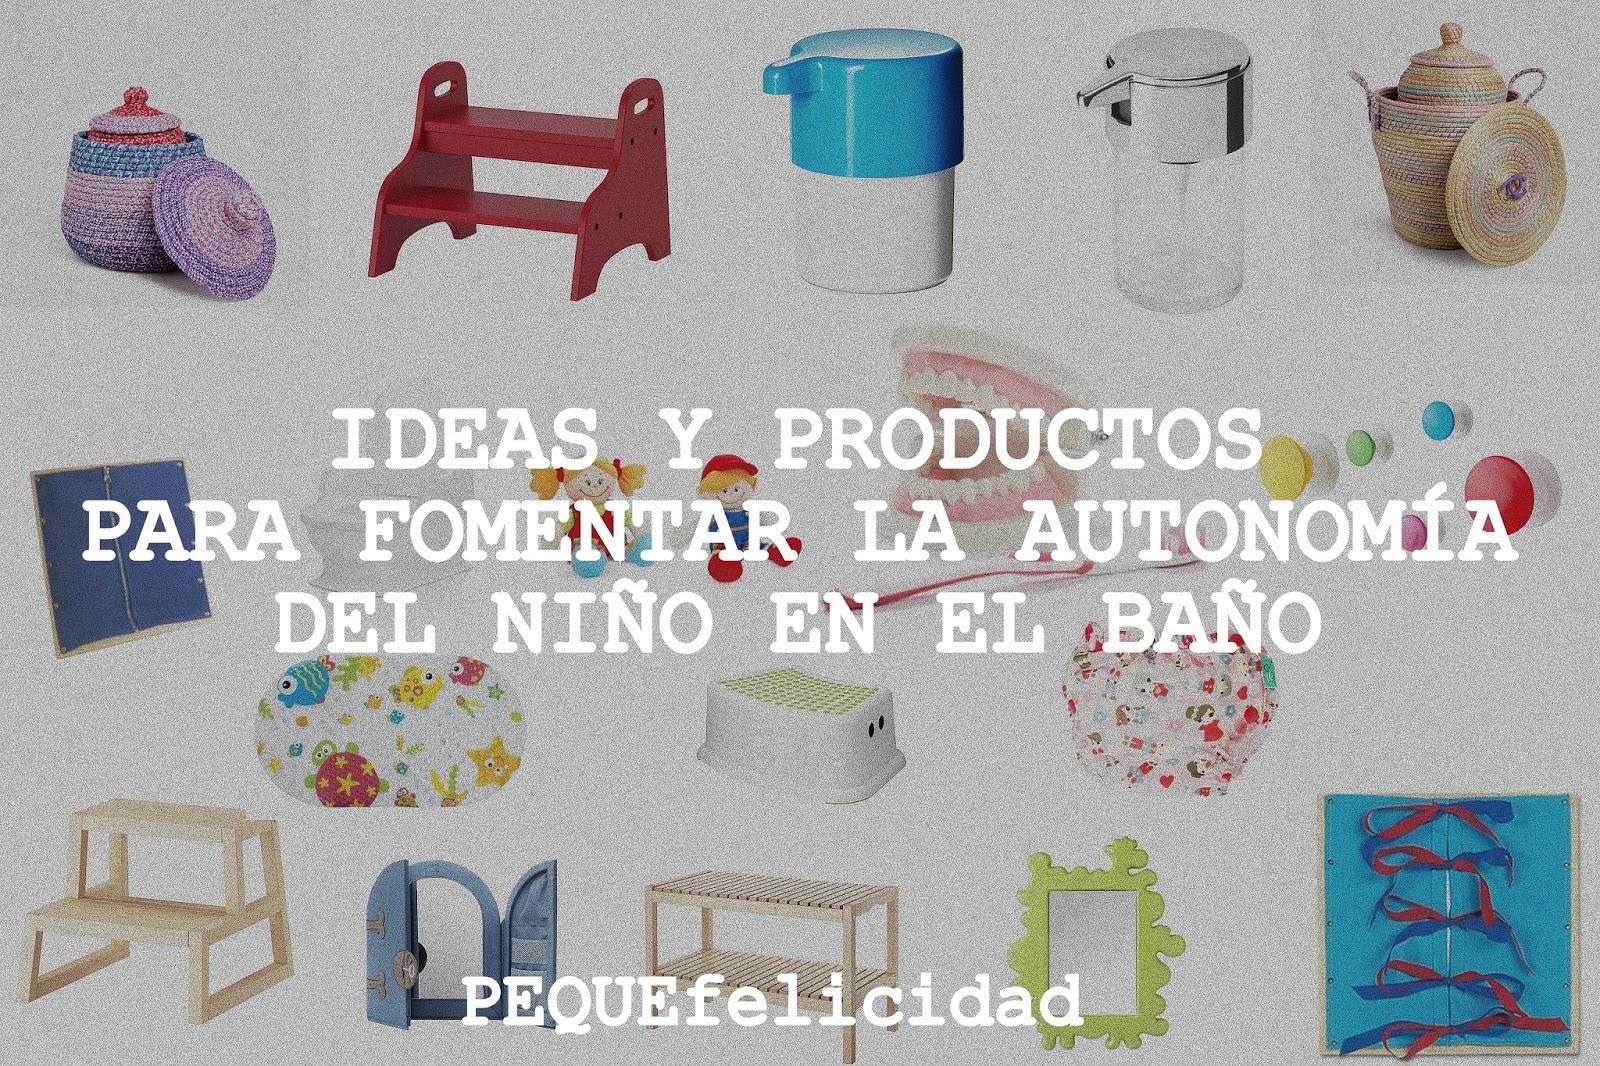 Pequefelicidad ideas y productos para fomentar la for Productos para el bano